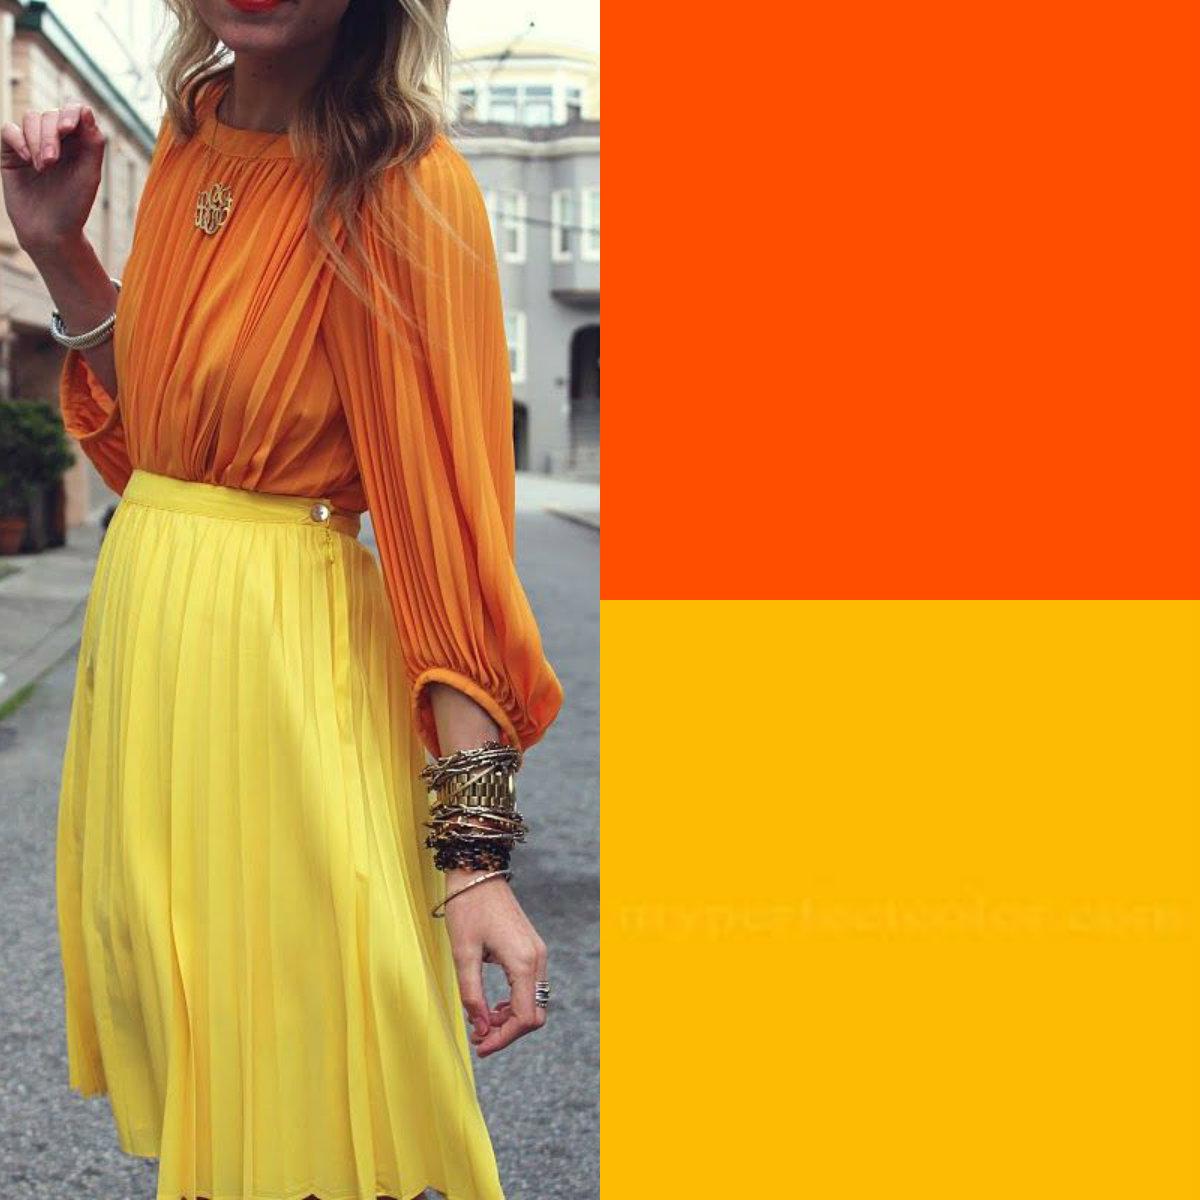 Che Colore Abbinare Al Giallo come abbinare i colori? ecco tutte le combinazioni possibili!